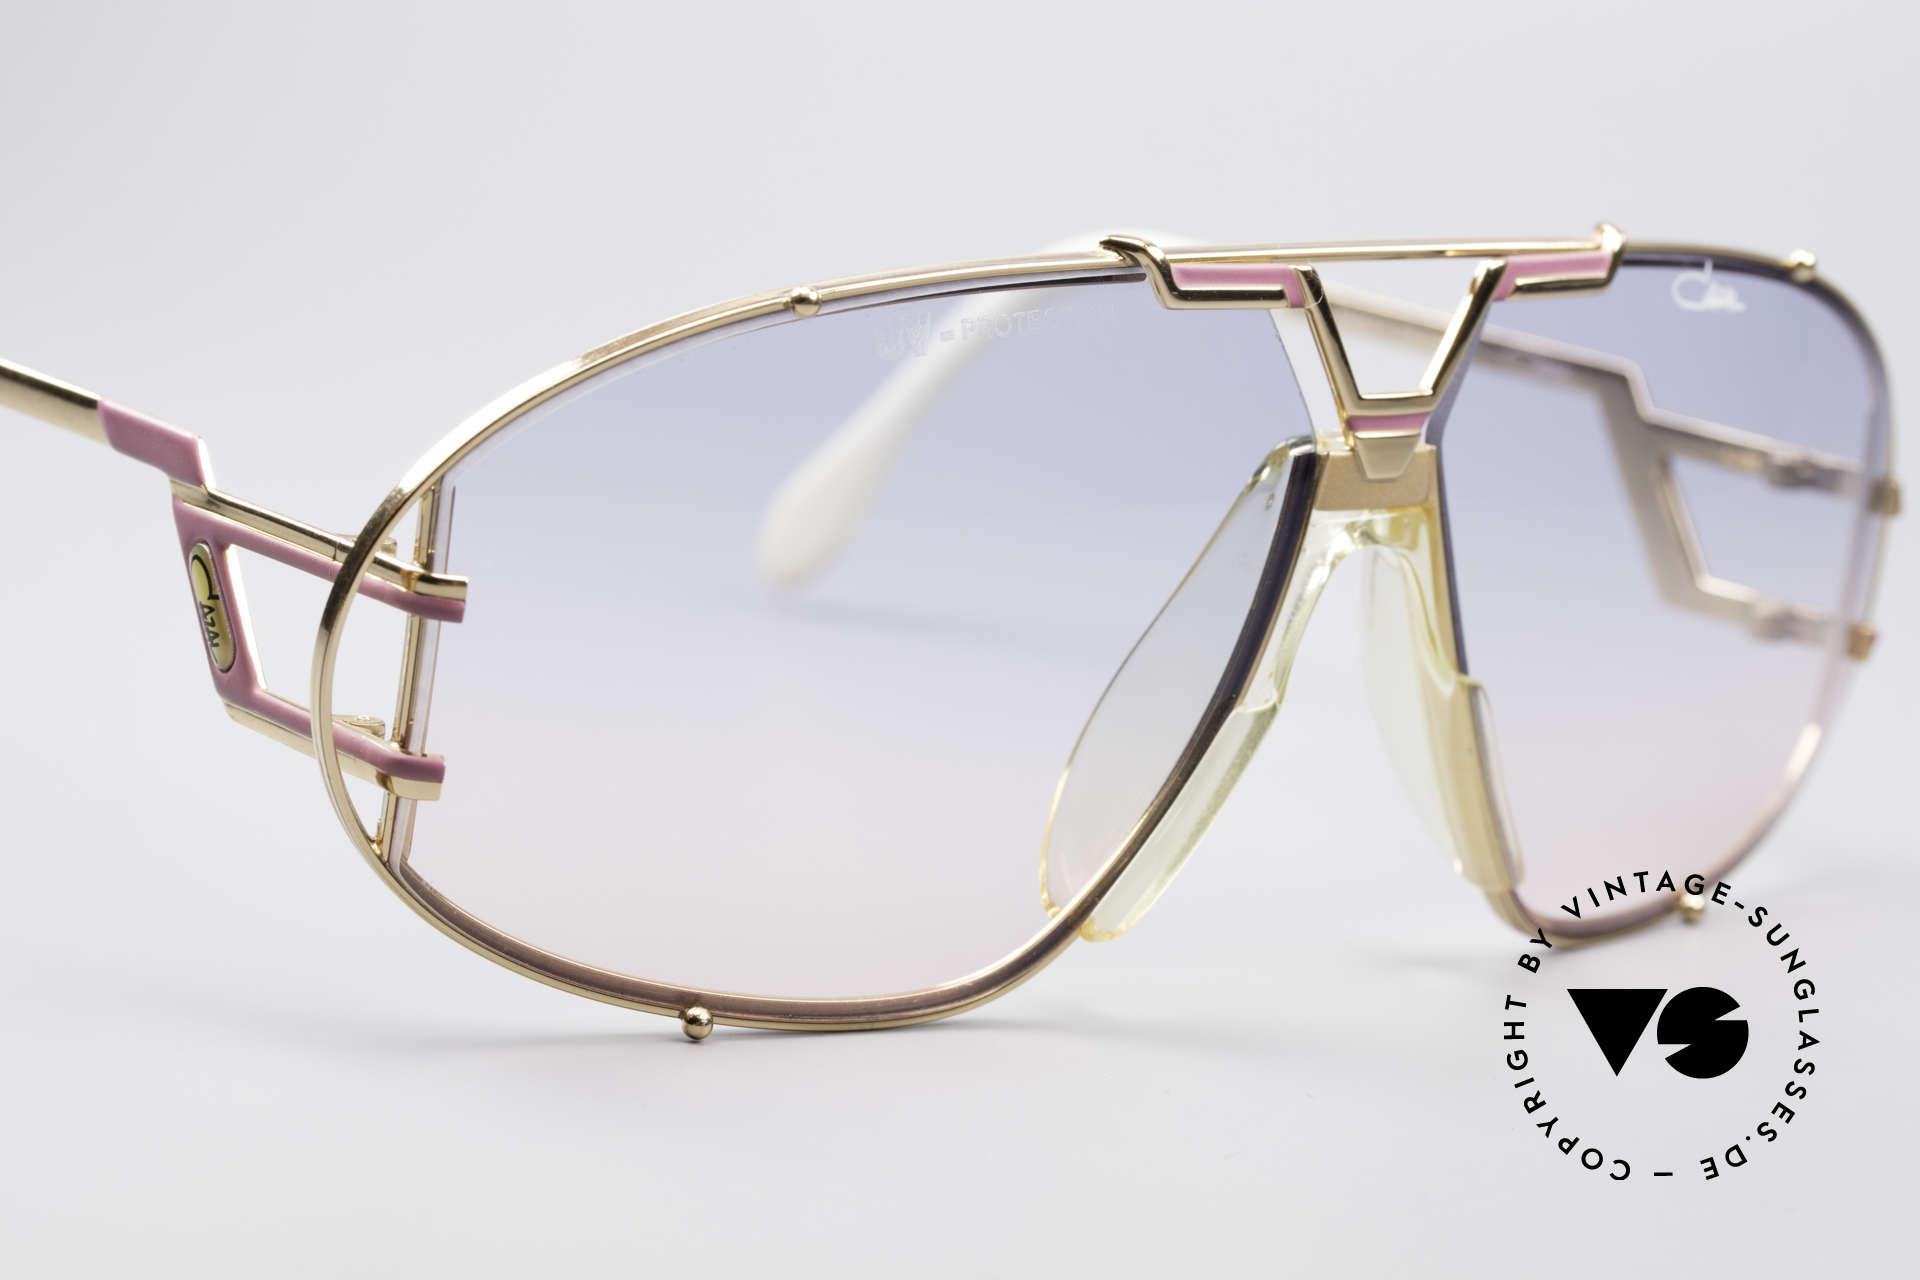 Cazal 907 Jay-Z Beyoncé Sonnenbrille, KEINE Retro Sonnenbrille; eine Rarität von 1989/90, Passend für Herren und Damen